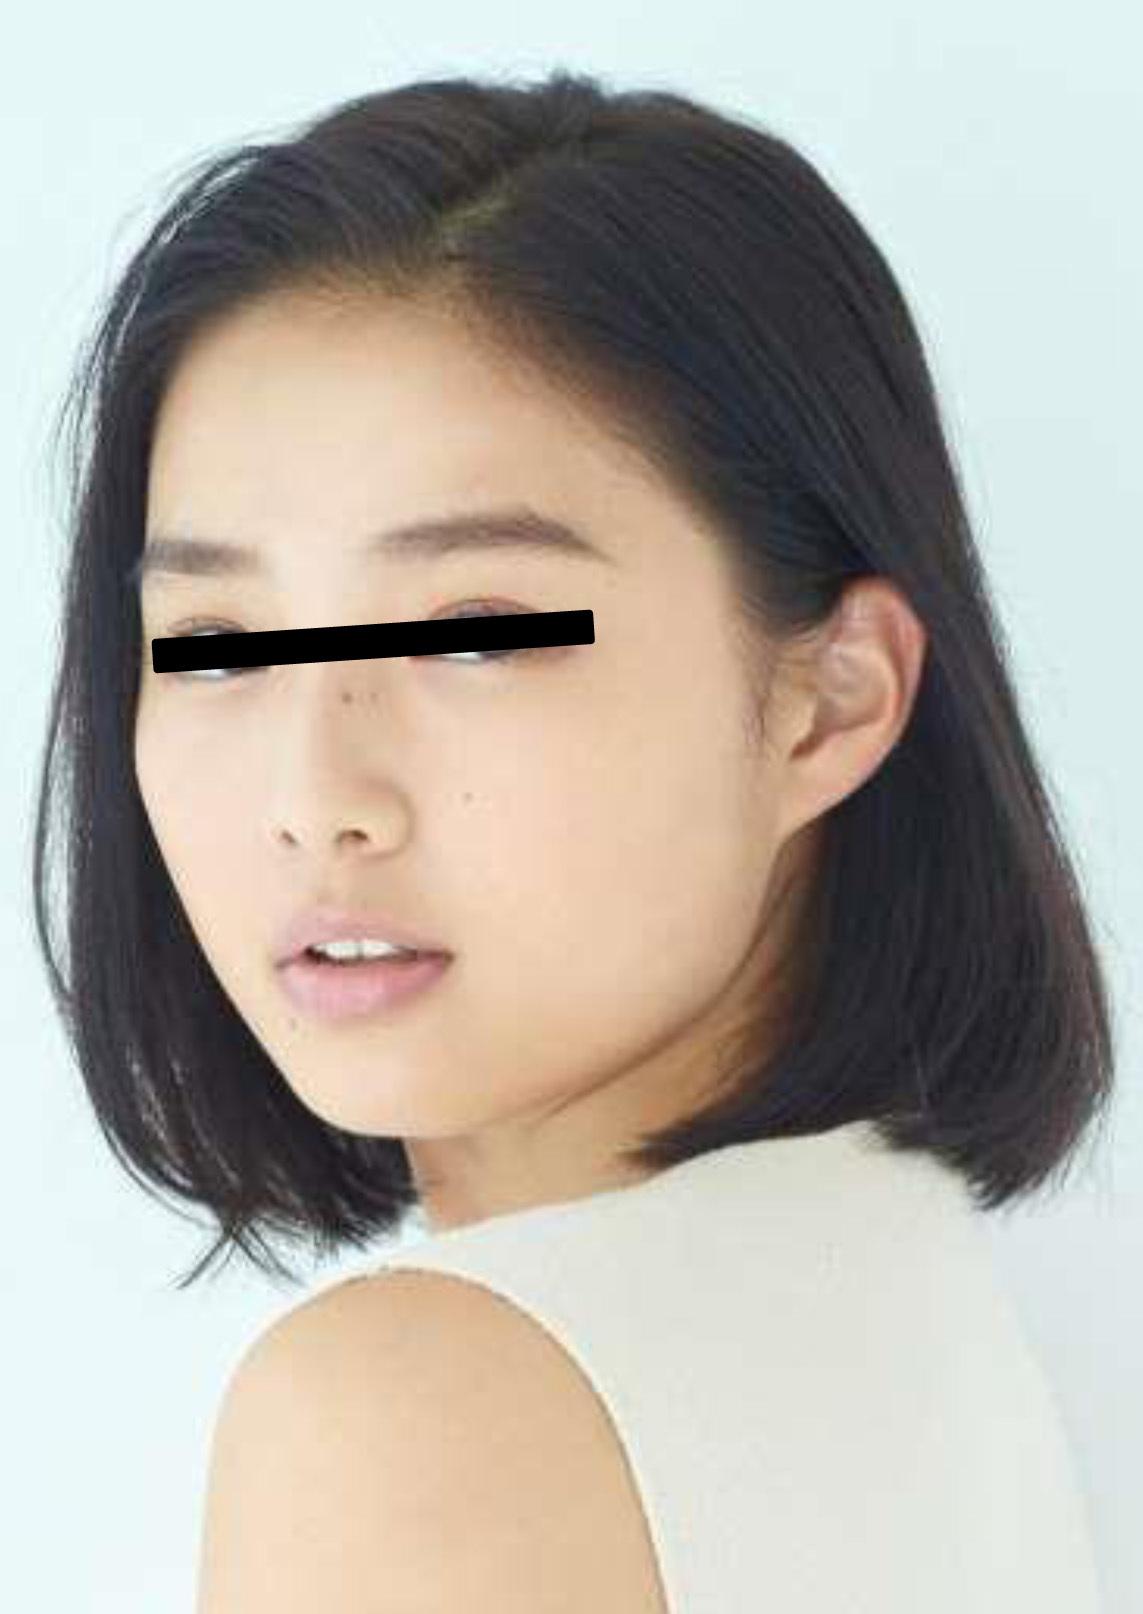 新朝鮮人-1